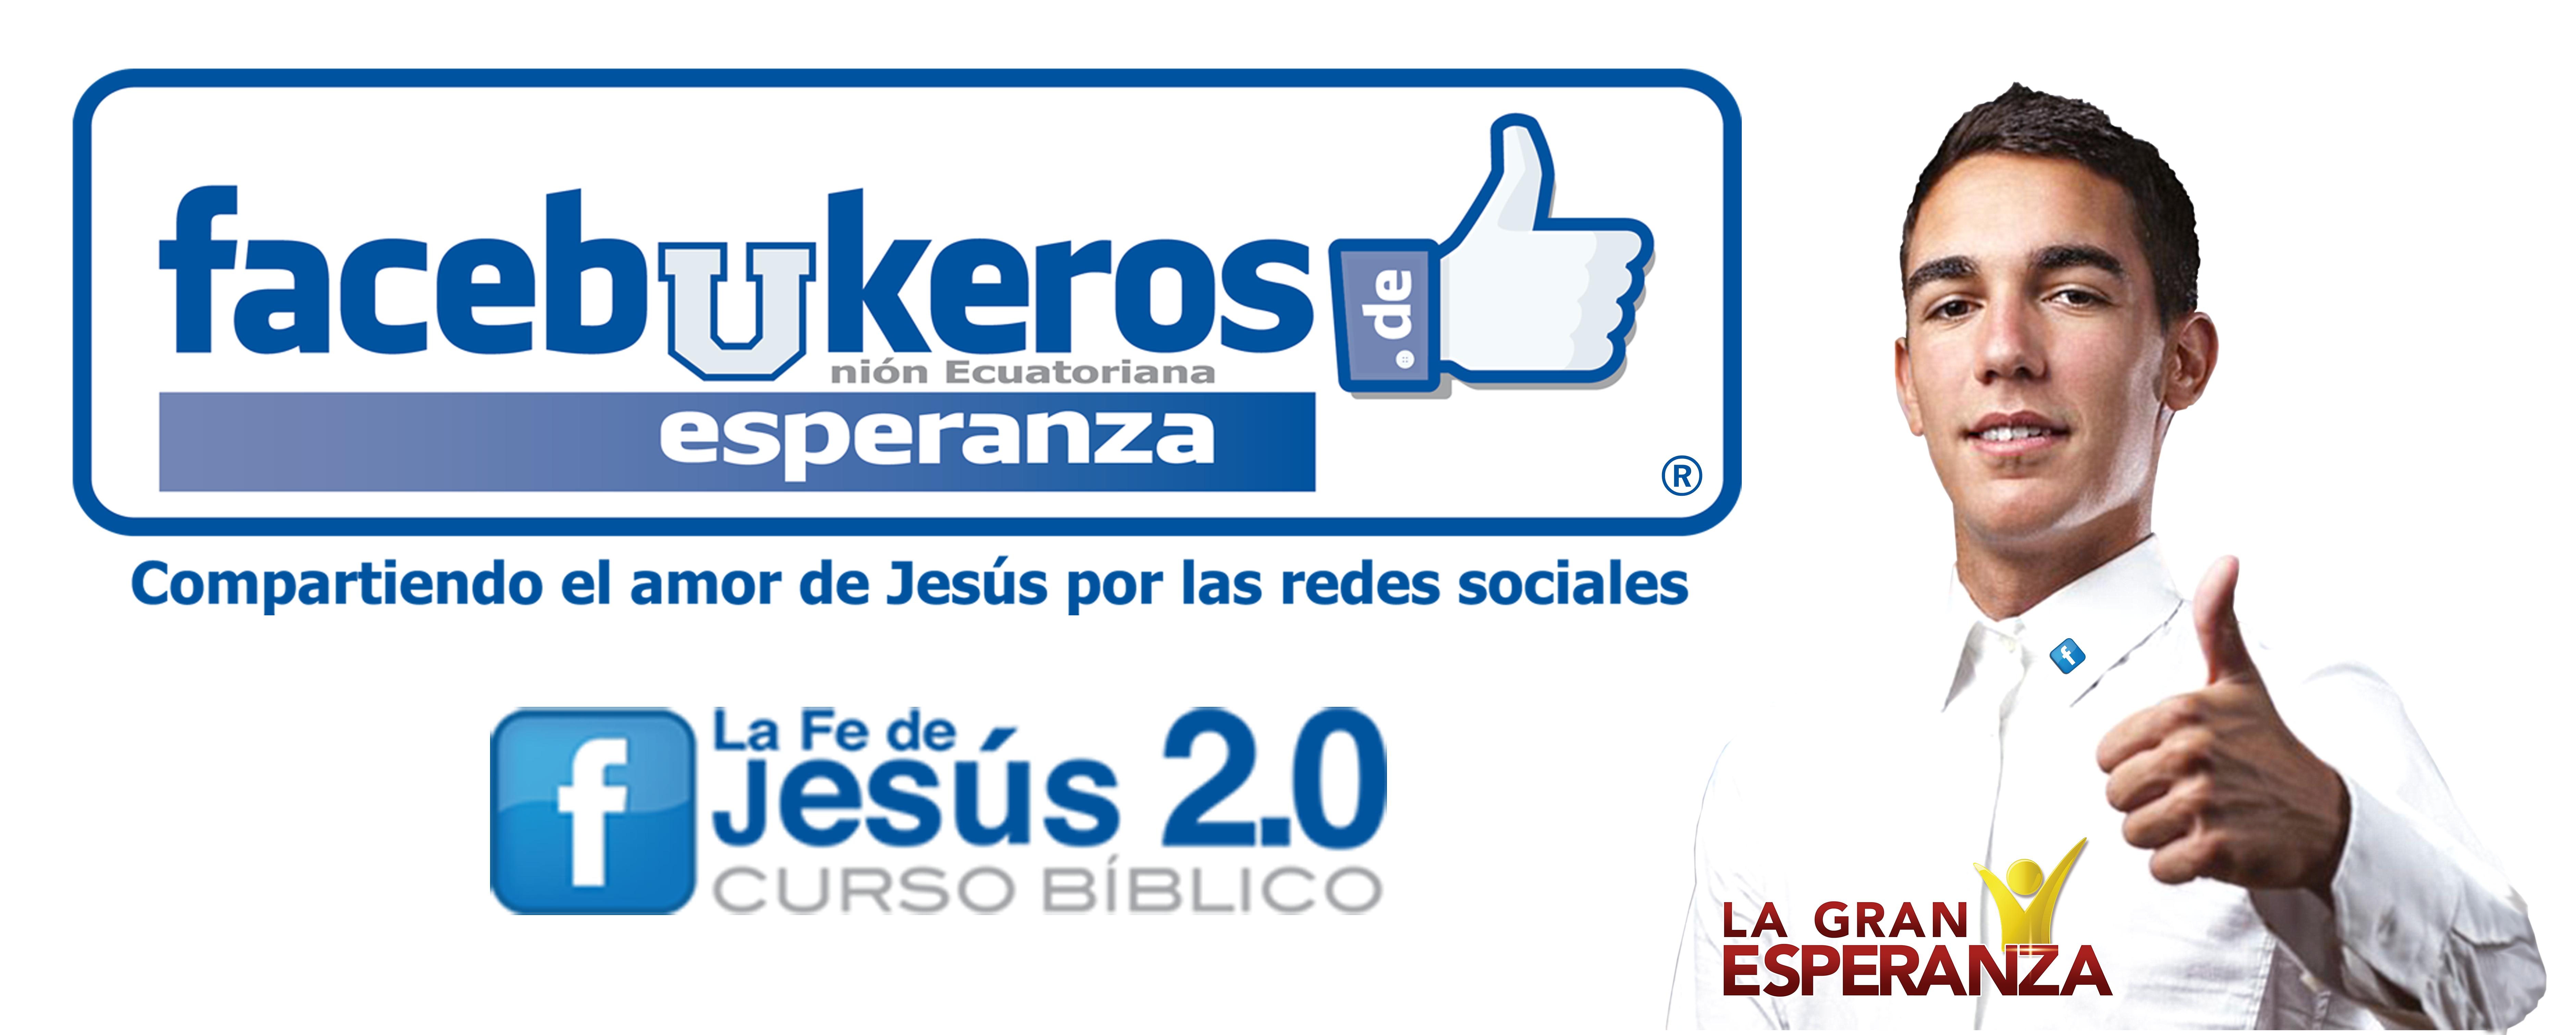 Proyecto Facebukeros de esperanza se lleva a cabo en Ecuador